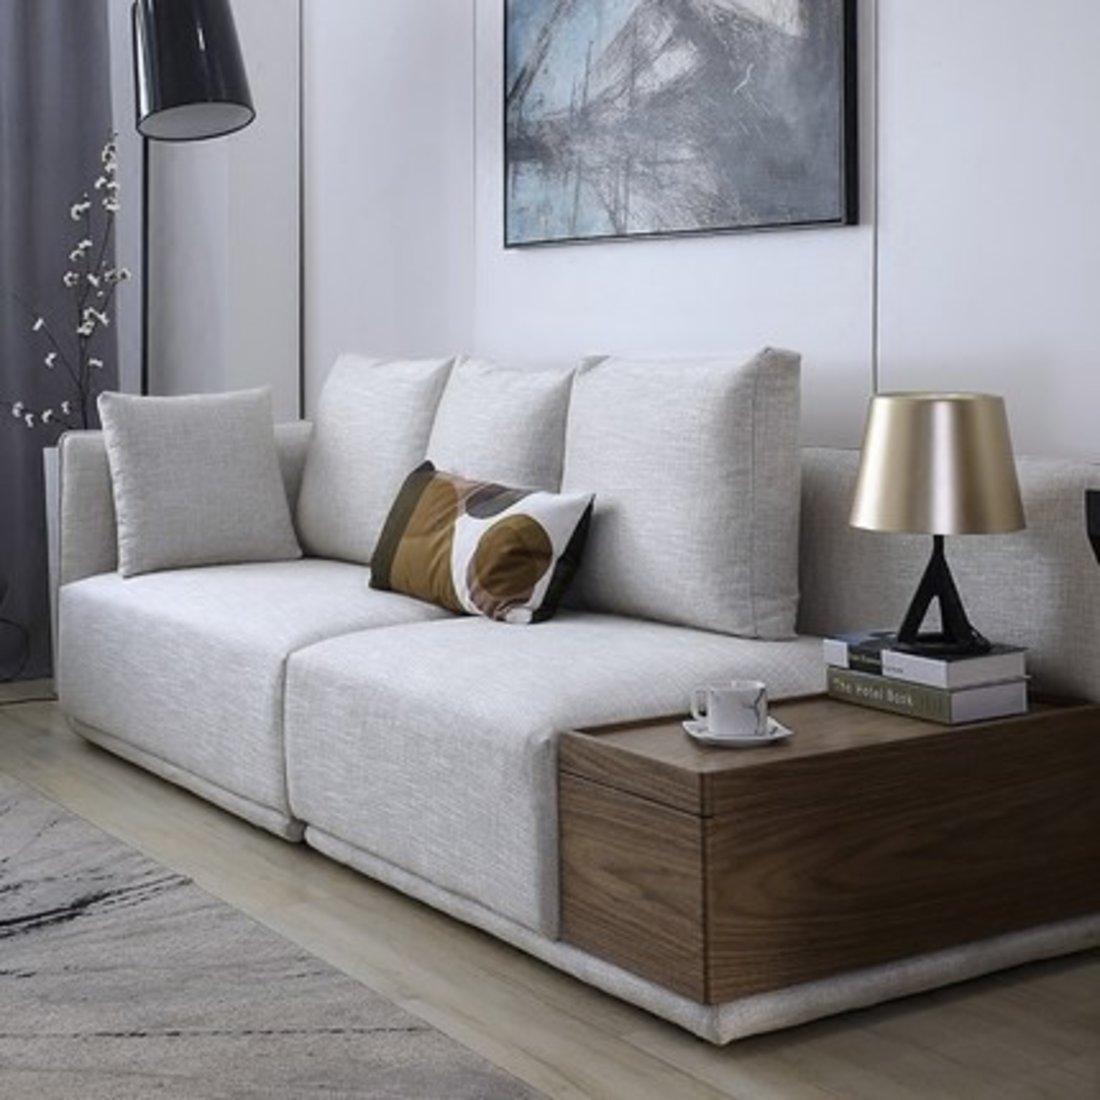 北欧多功能大户型羽绒储物布艺沙发组合